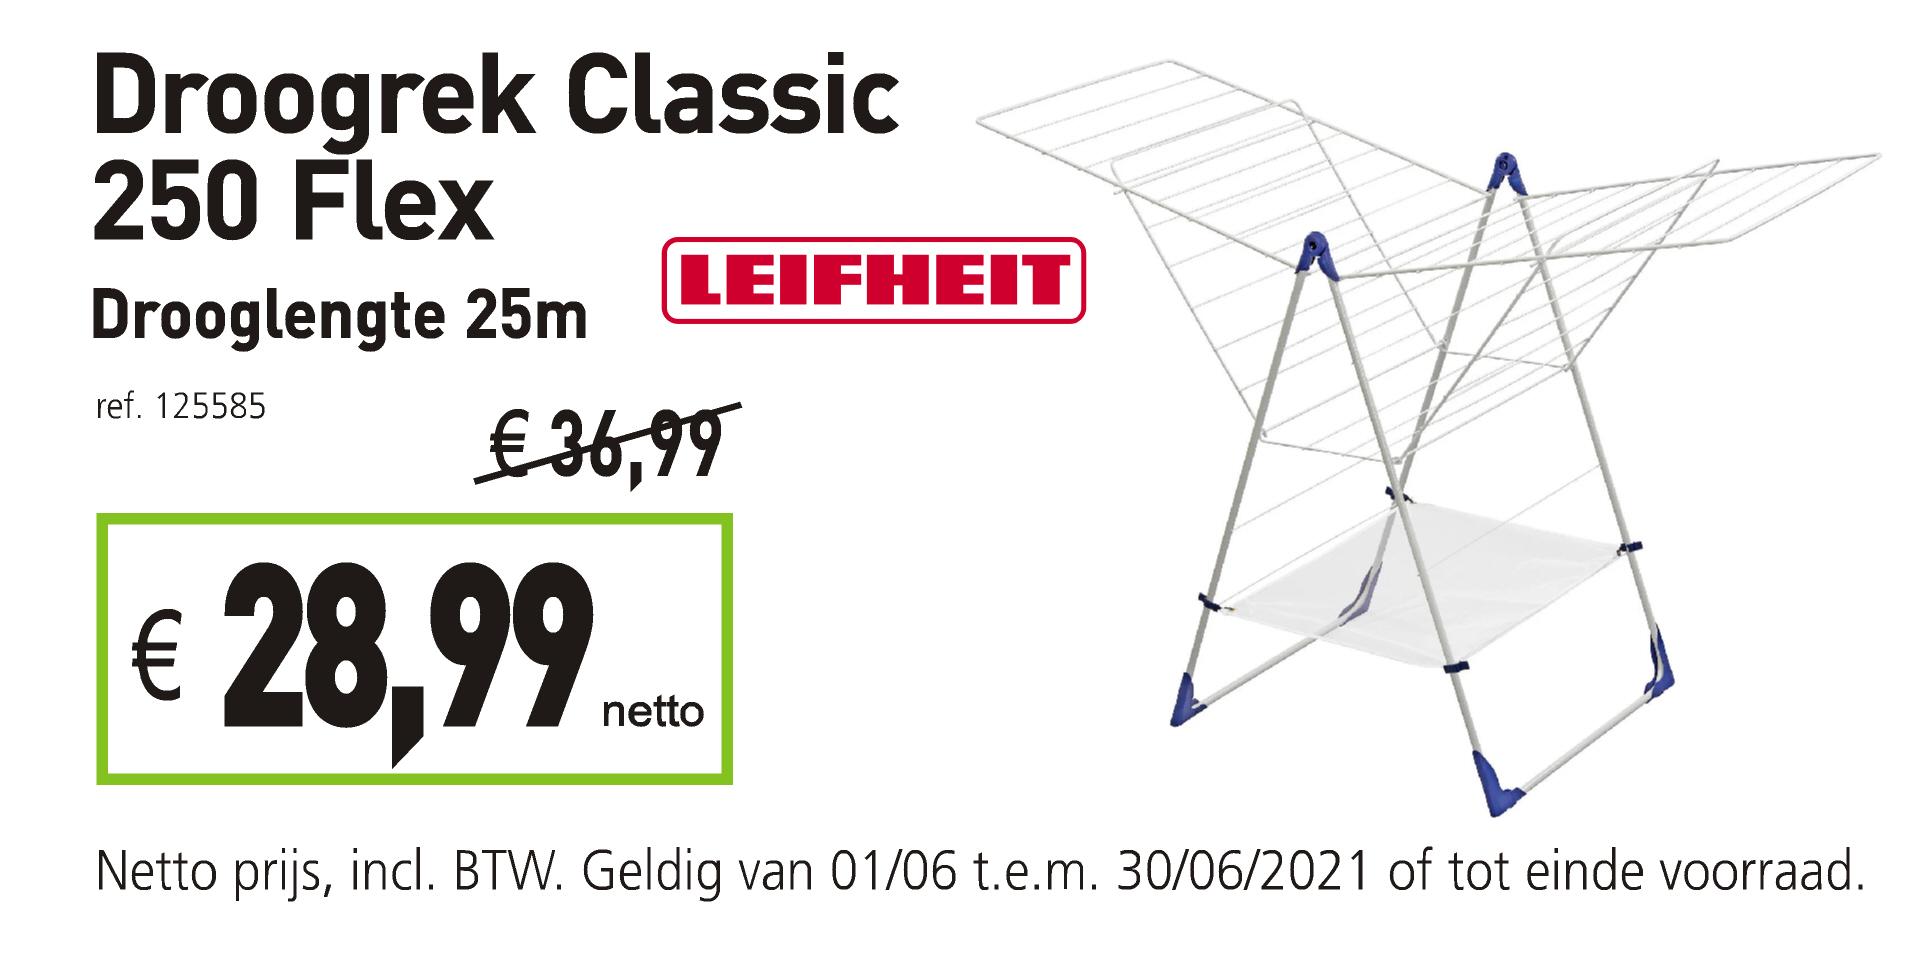 Droogrek Leifheit Classic 250 Flex